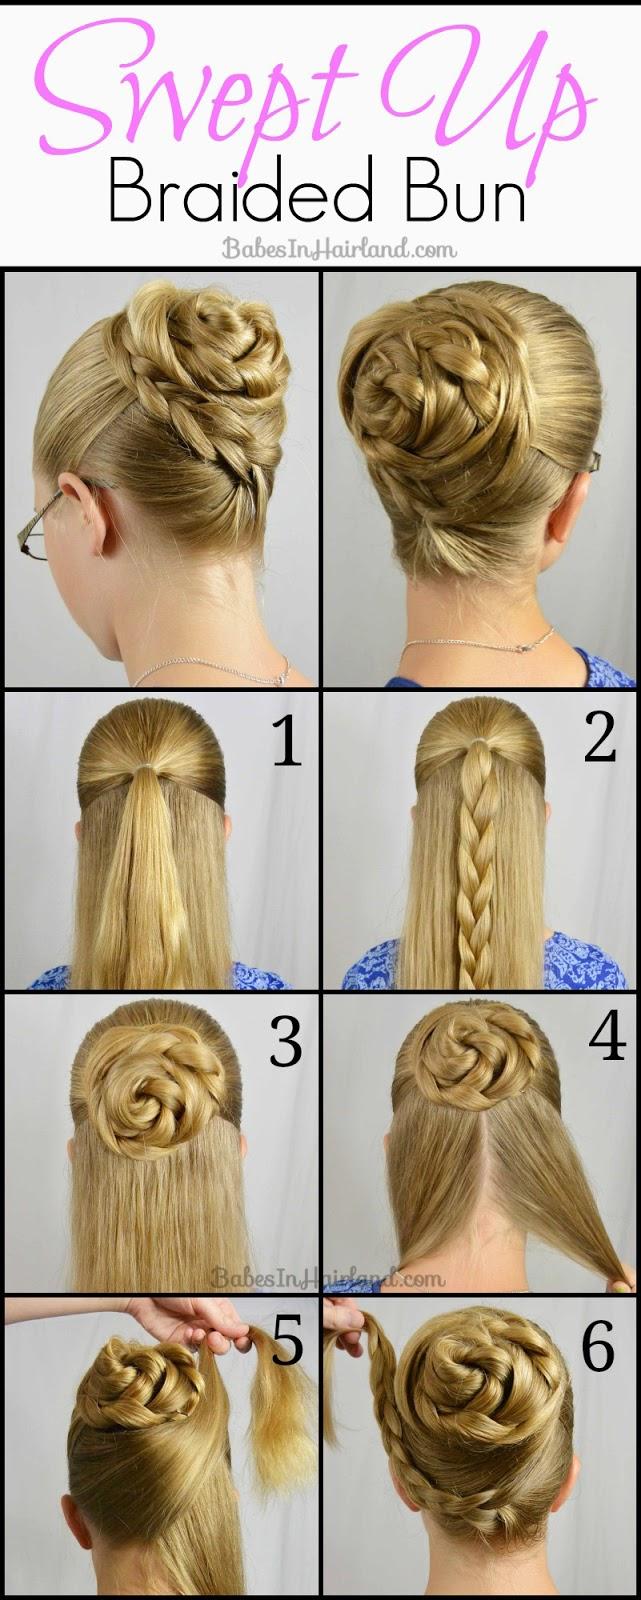 прически на средние волосы поэтапно с картинками